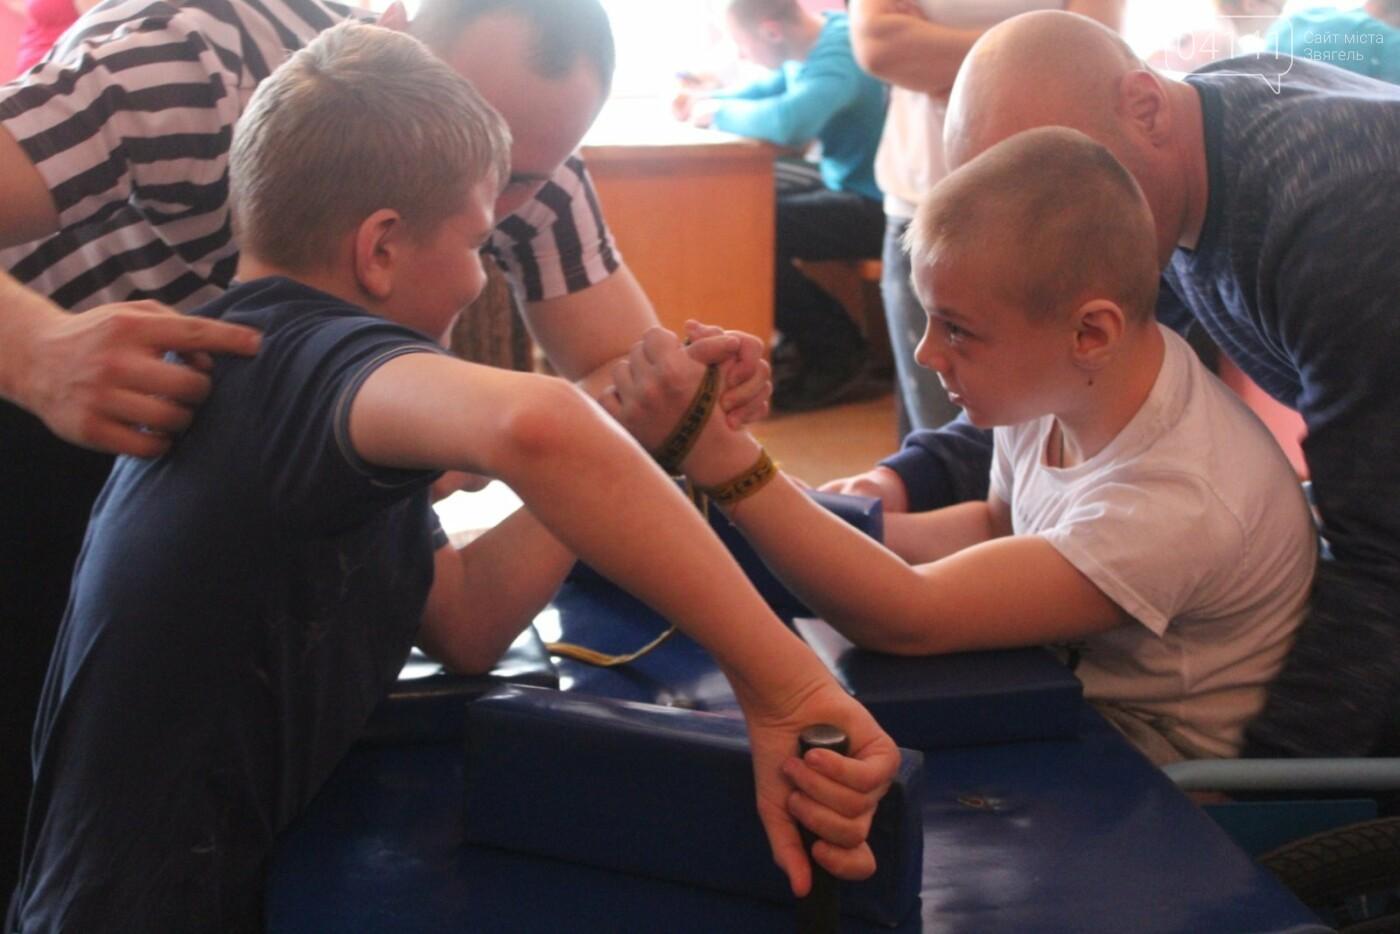 Як у Новограді проходив чемпіонат з армспорту серед людей з інвалідністю (ФОТО, ВІДЕО), фото-7